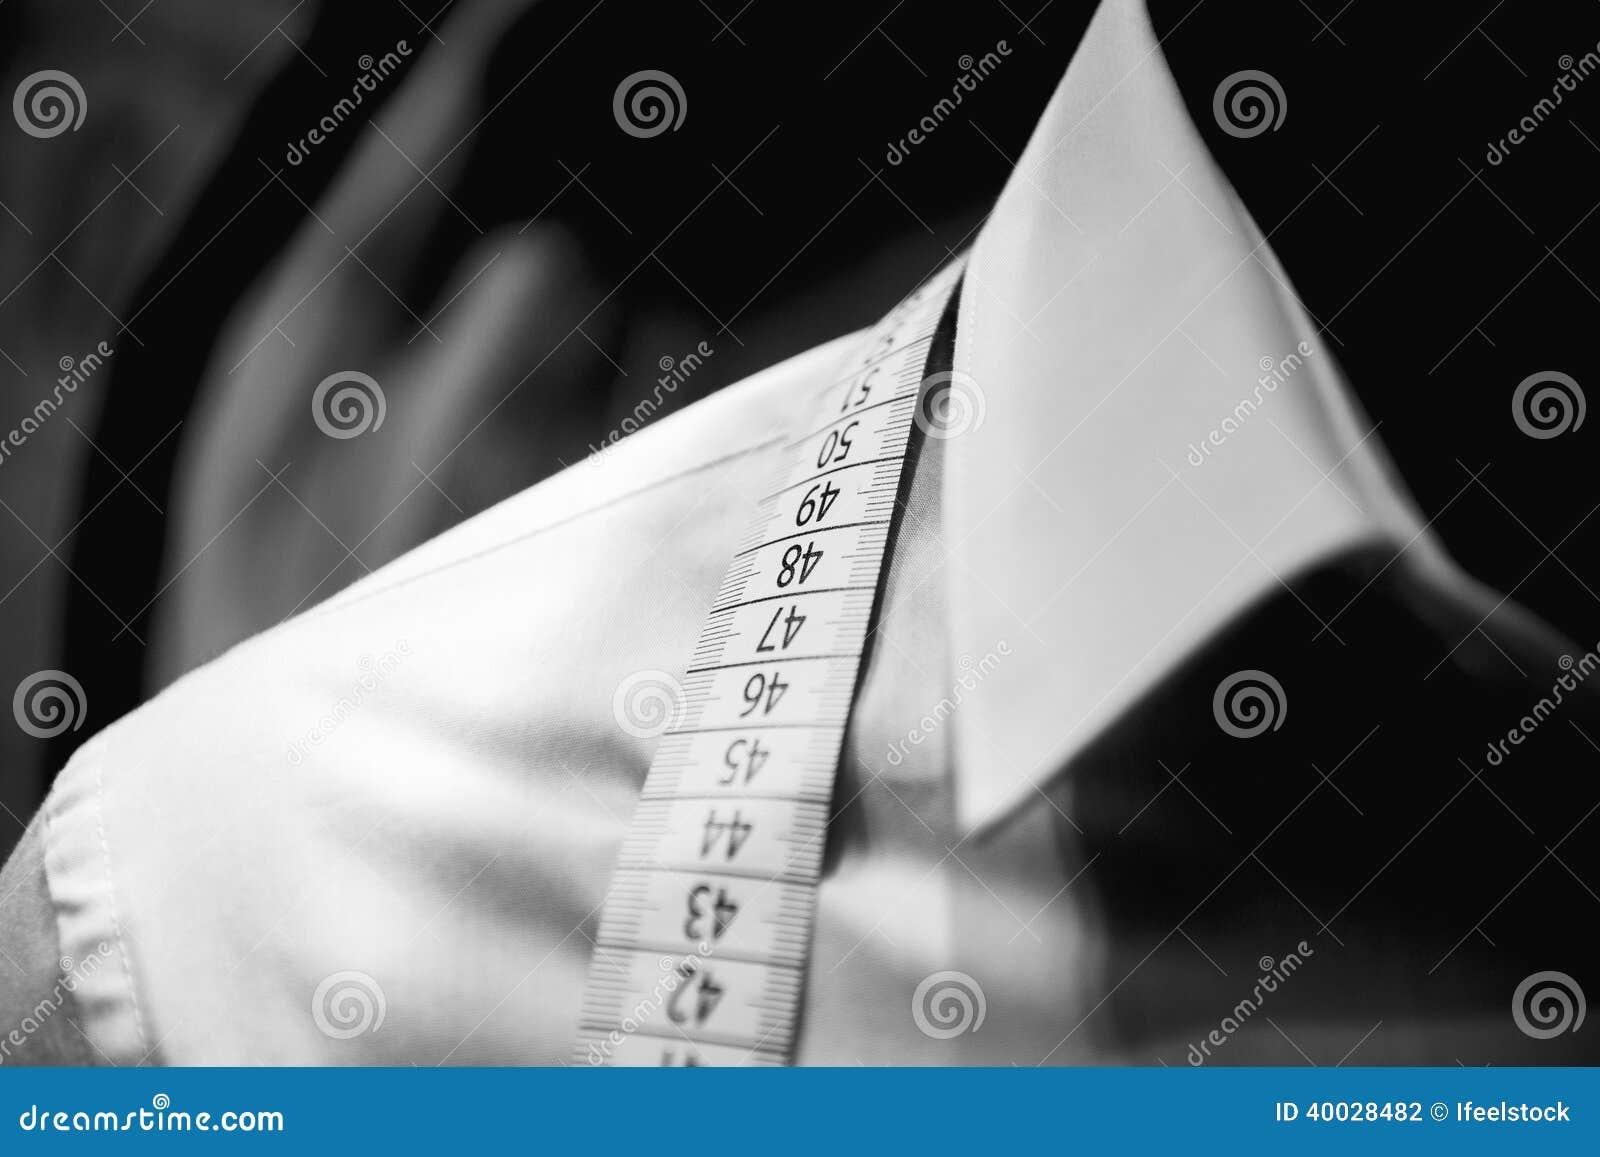 Overhemd het maken in kleermakerswinkel